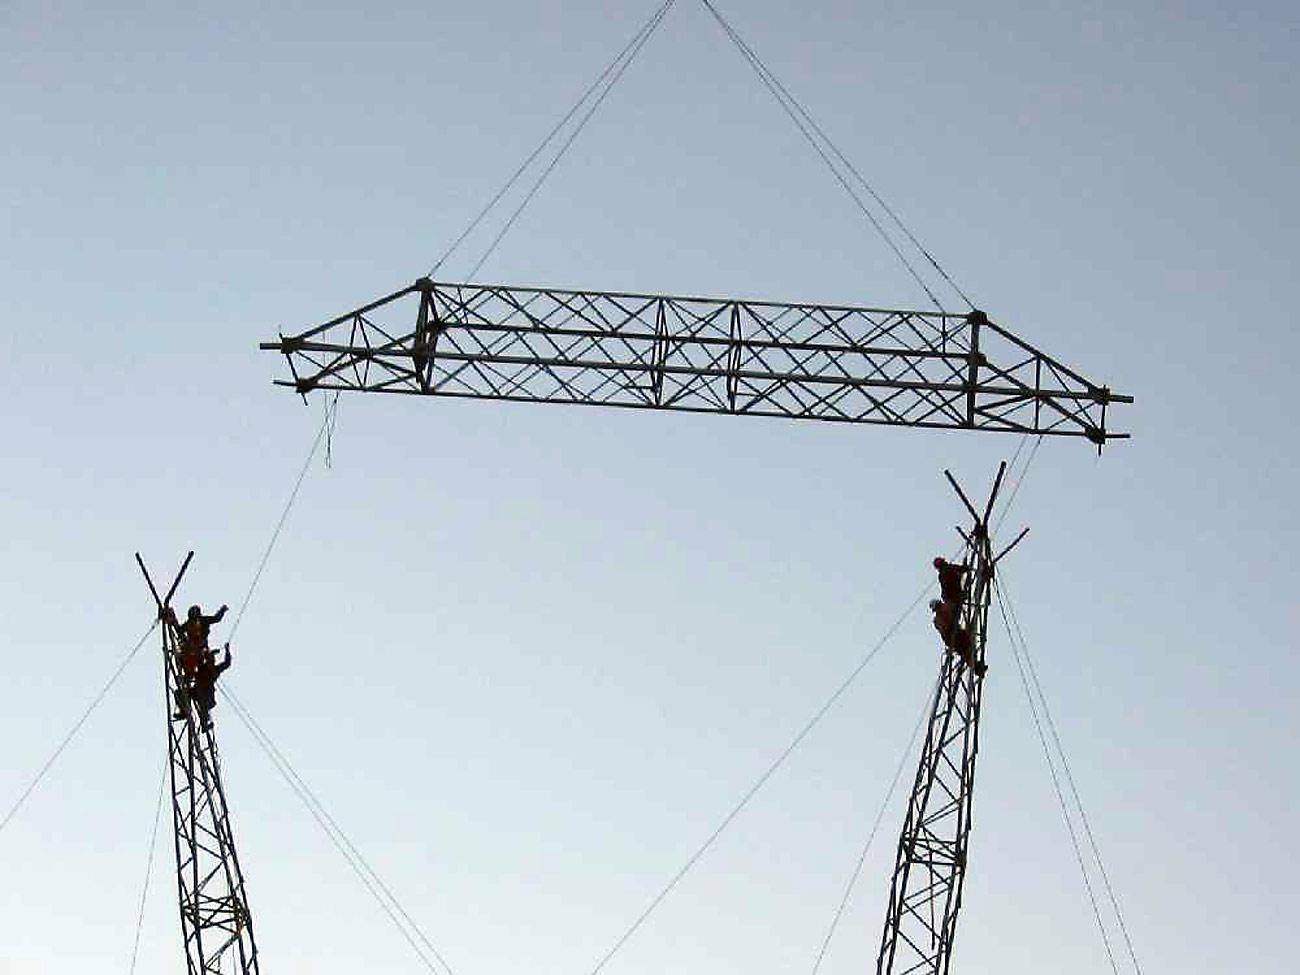 Вакансии и работа : «электромонтер по ремонту воздушных линий электропередачи» в москве